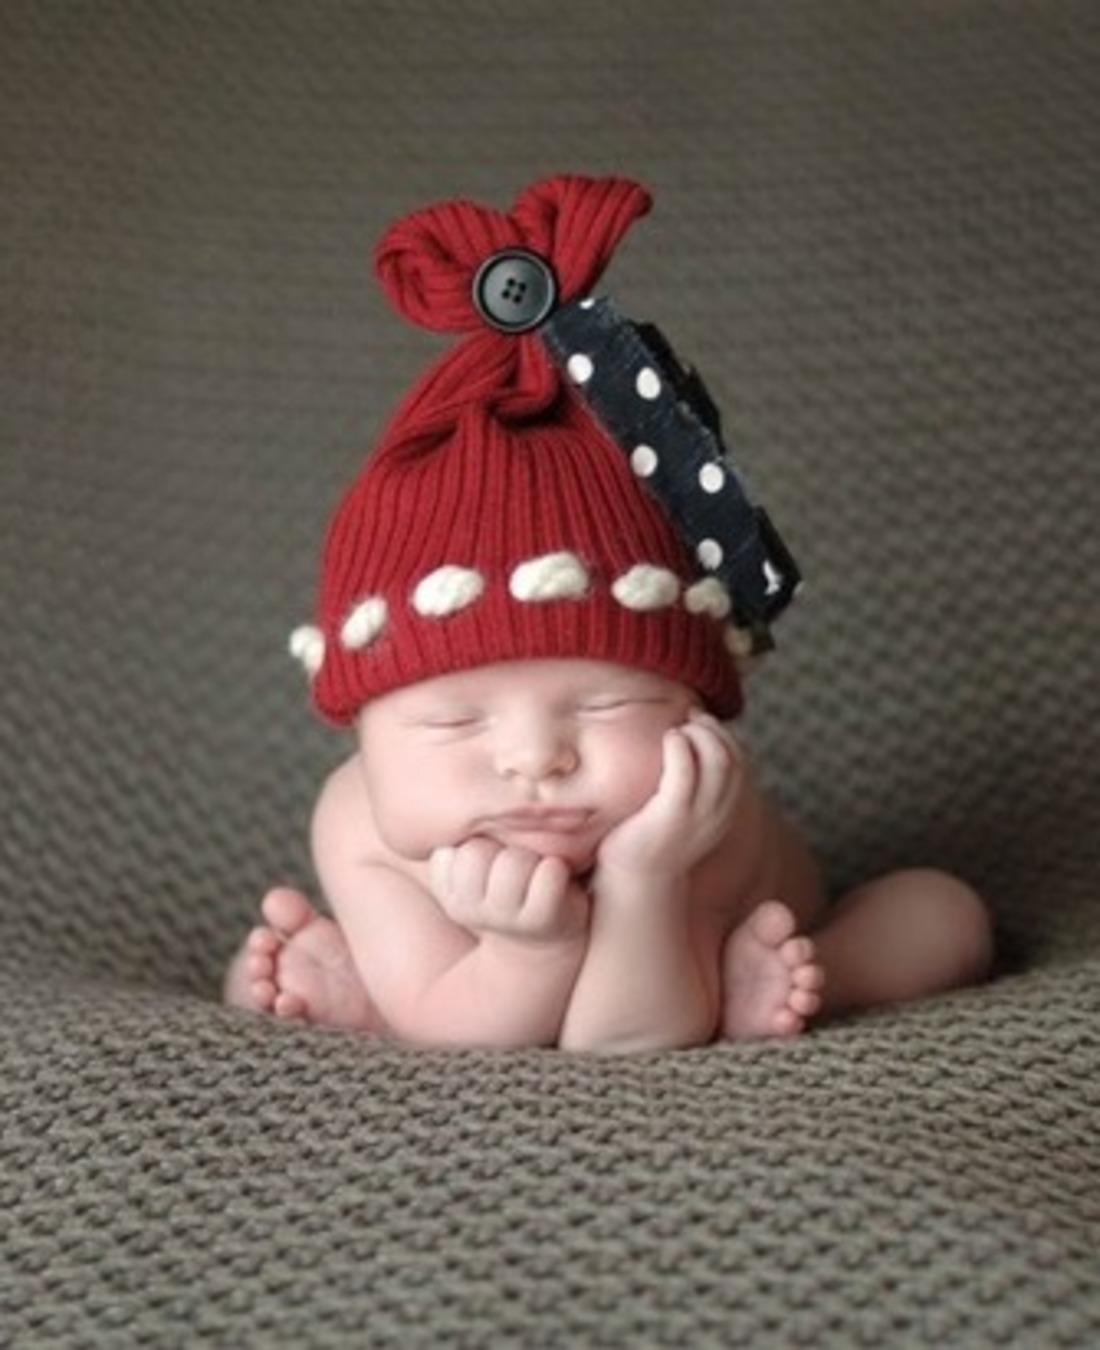 Смотреть мультики онлайн спокойной ночи малыши 22 фотография